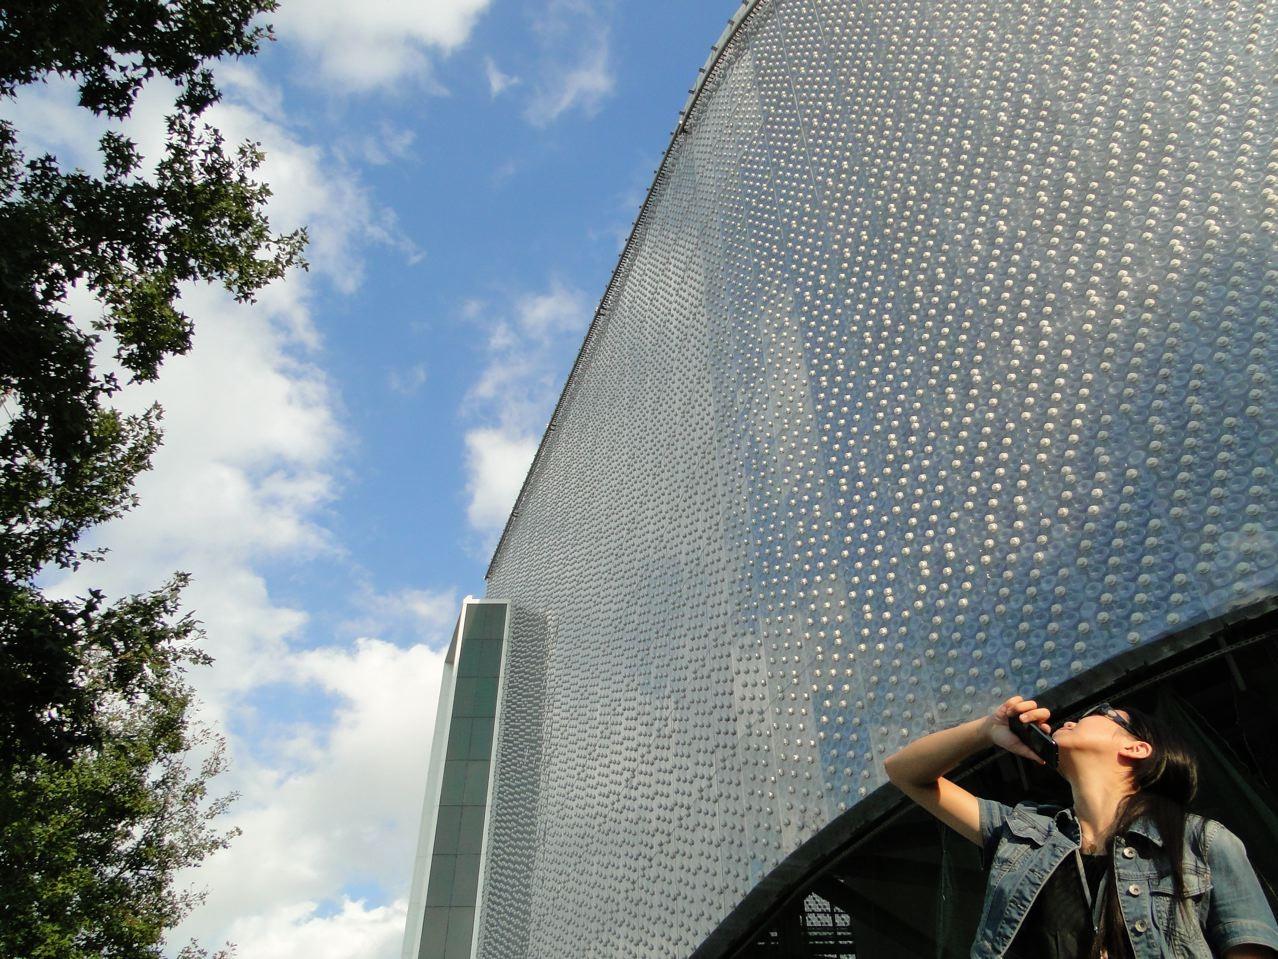 EcoArk en Taiwán: una mega-estructura construida con botellas de plástico recicladas, © Vía Intaiwan.de